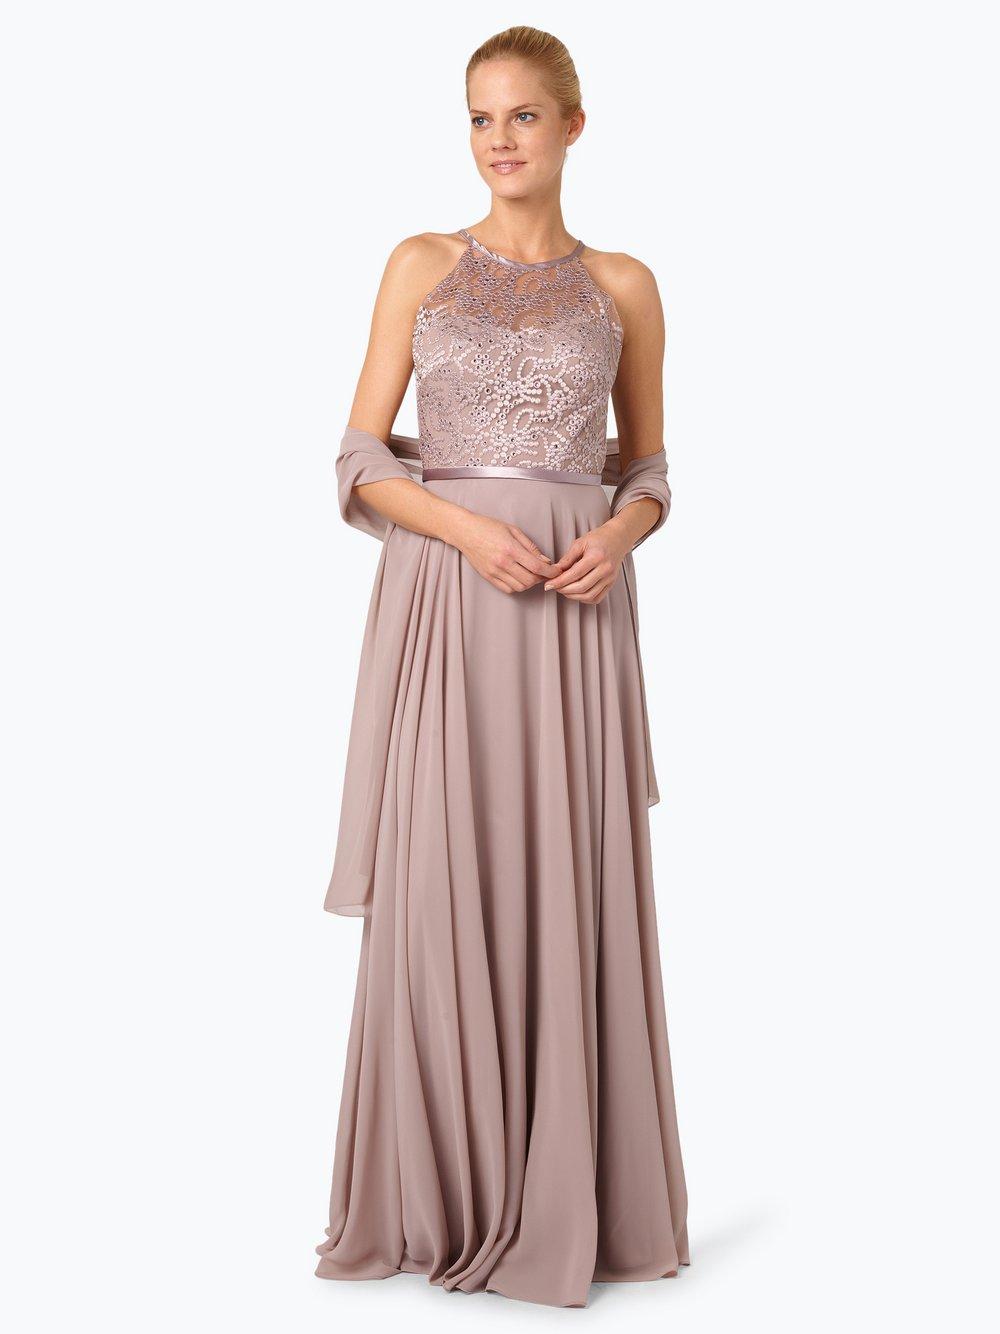 20a86ef007b2 Luxuar Fashion - Damska sukienka wieczorowa z etolą